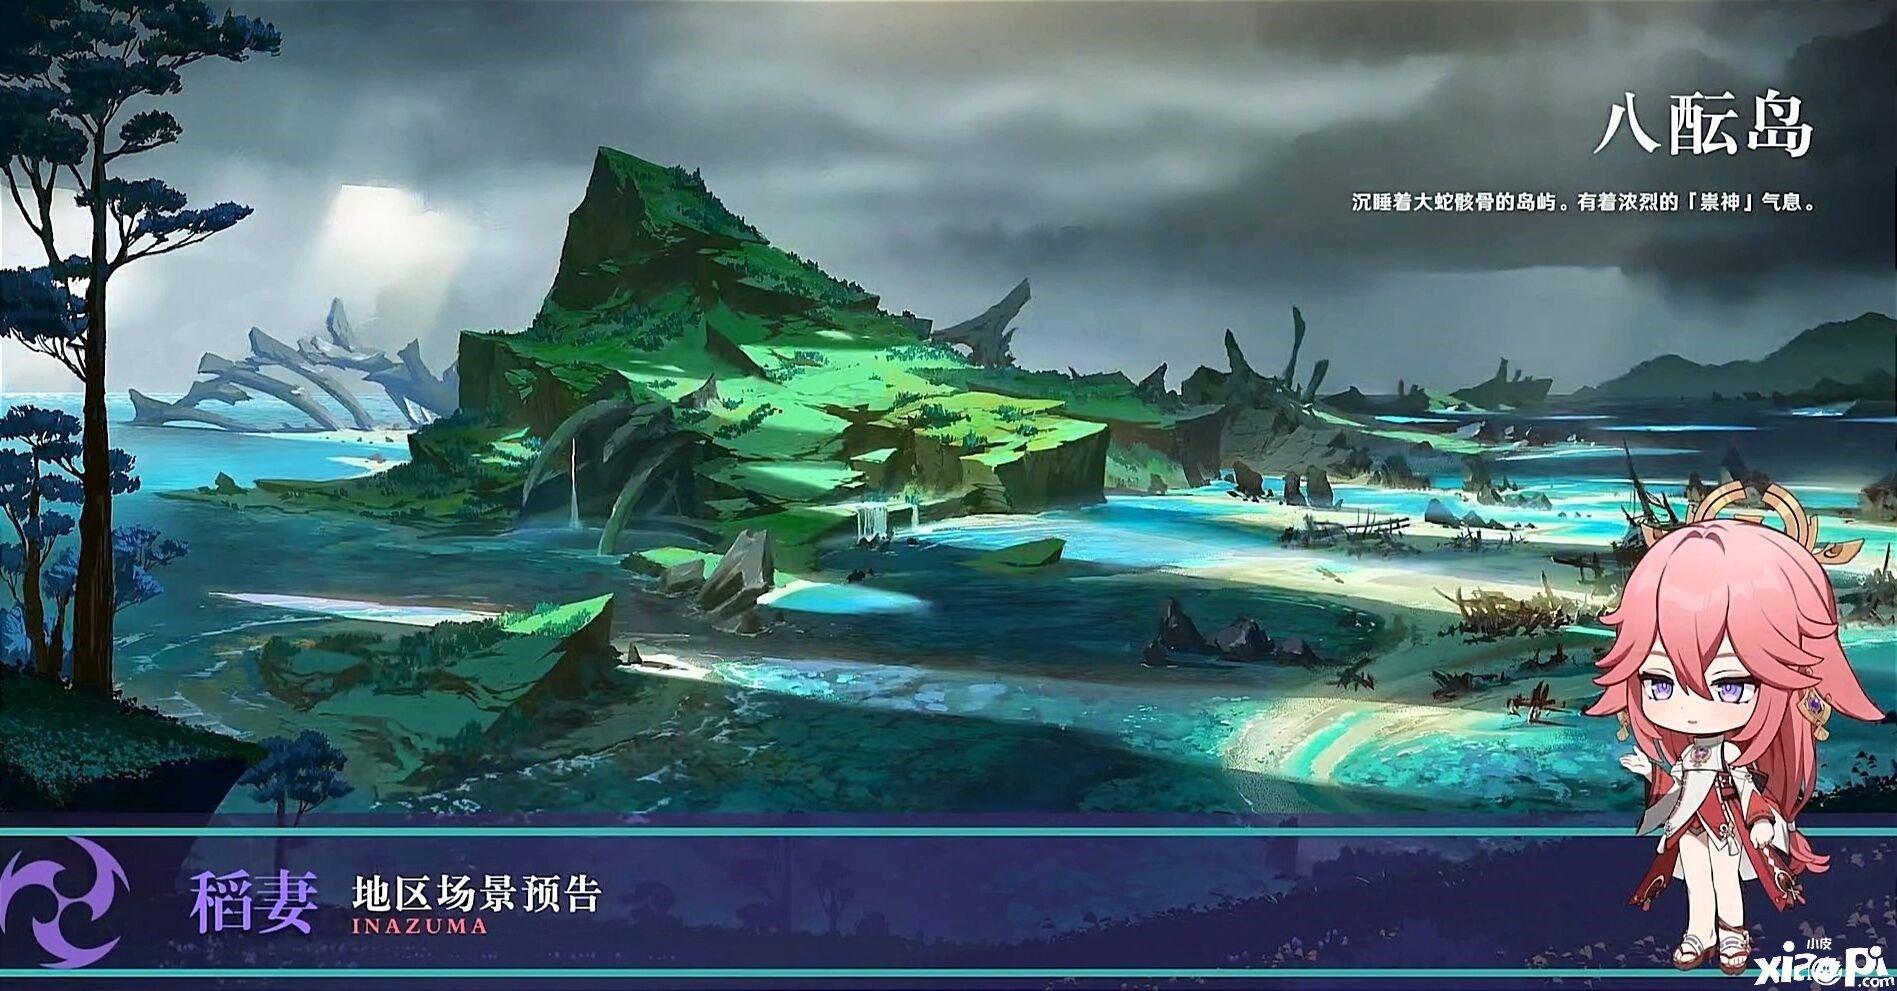 稻妻地图其一---八酝岛,这难道是山海经的雷泽